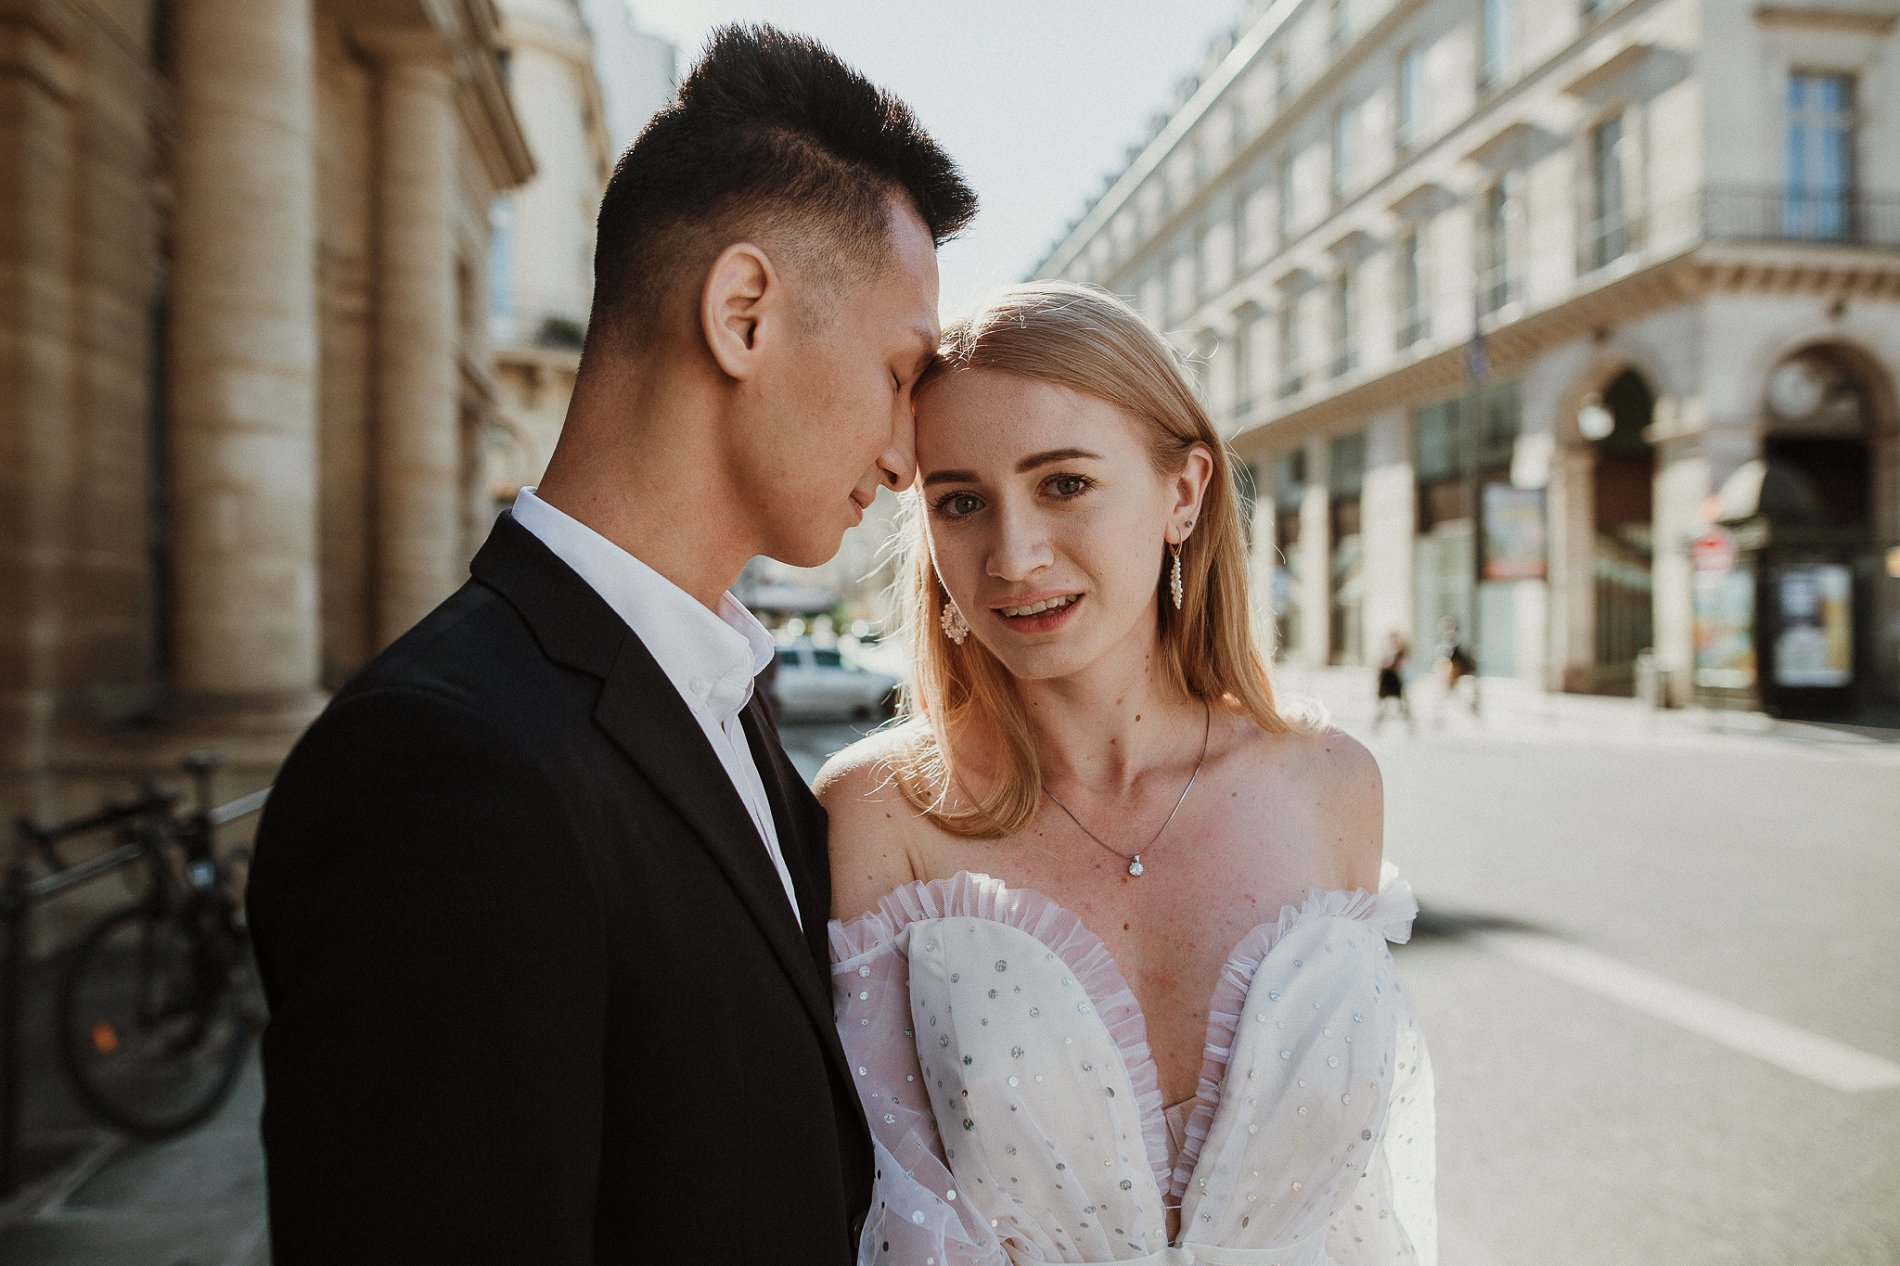 Miss He Bridal Romantic Paris Elopement (c) Xanthe Rowland Photography (23)